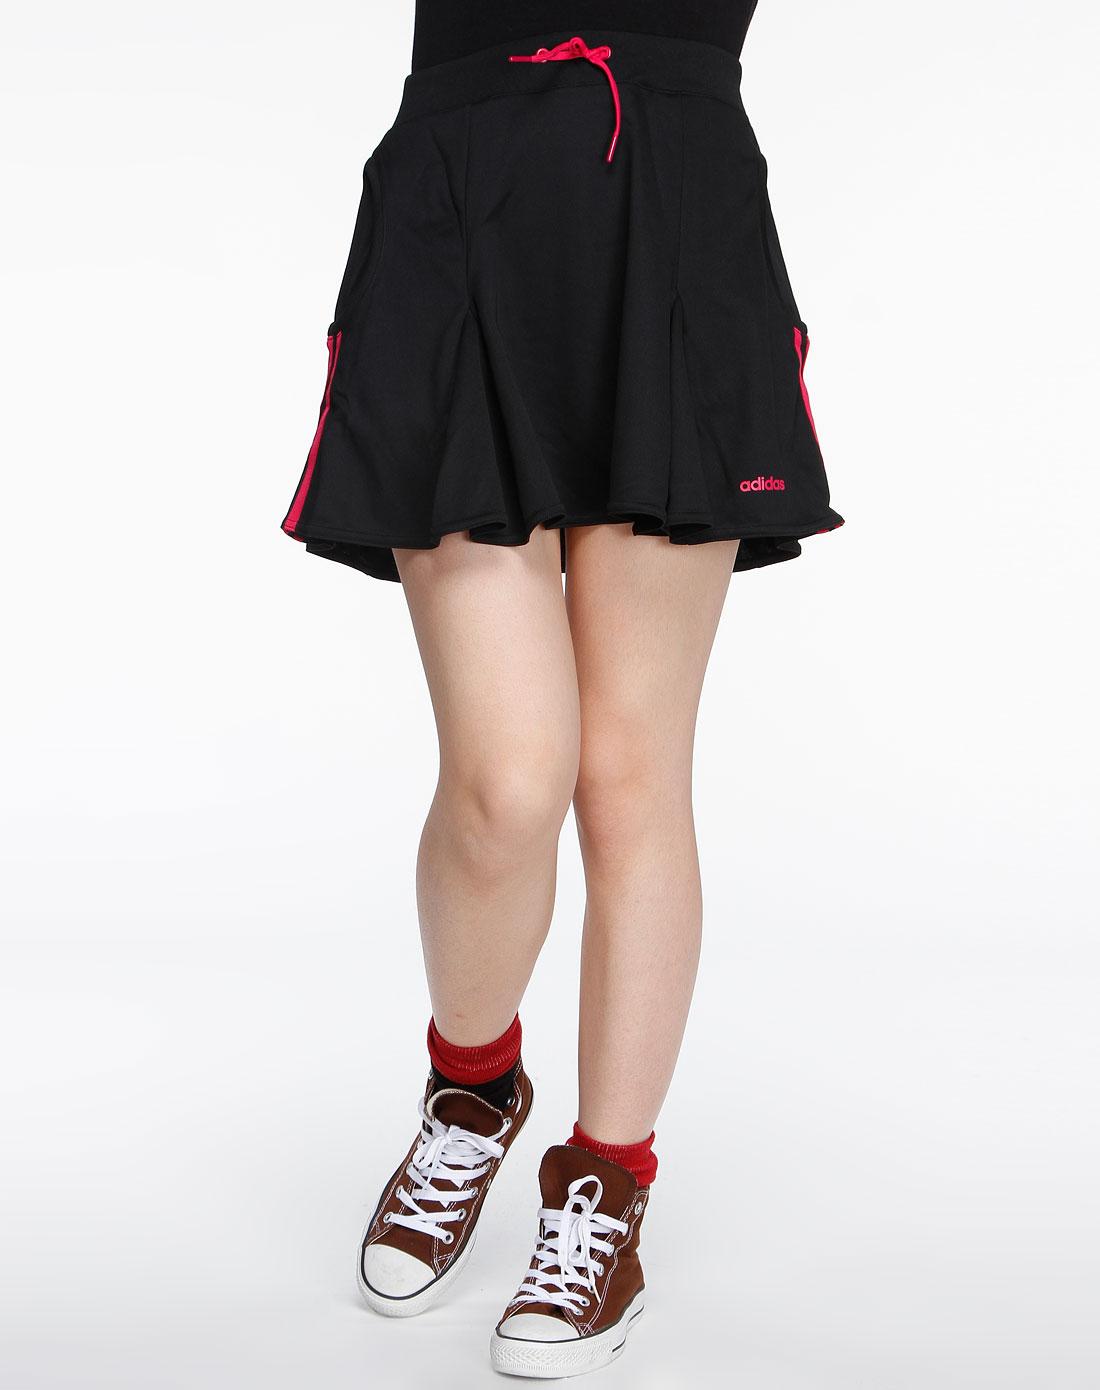 阿迪达斯adidas女装专场-neo 女款黑色运动短裙